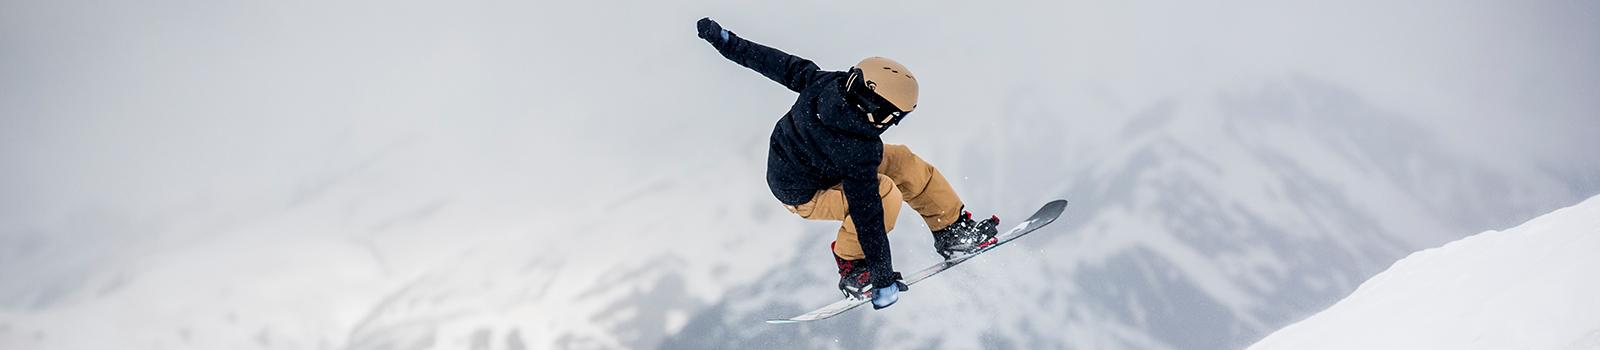 Quiksilver Kids Snow Shop - Pants